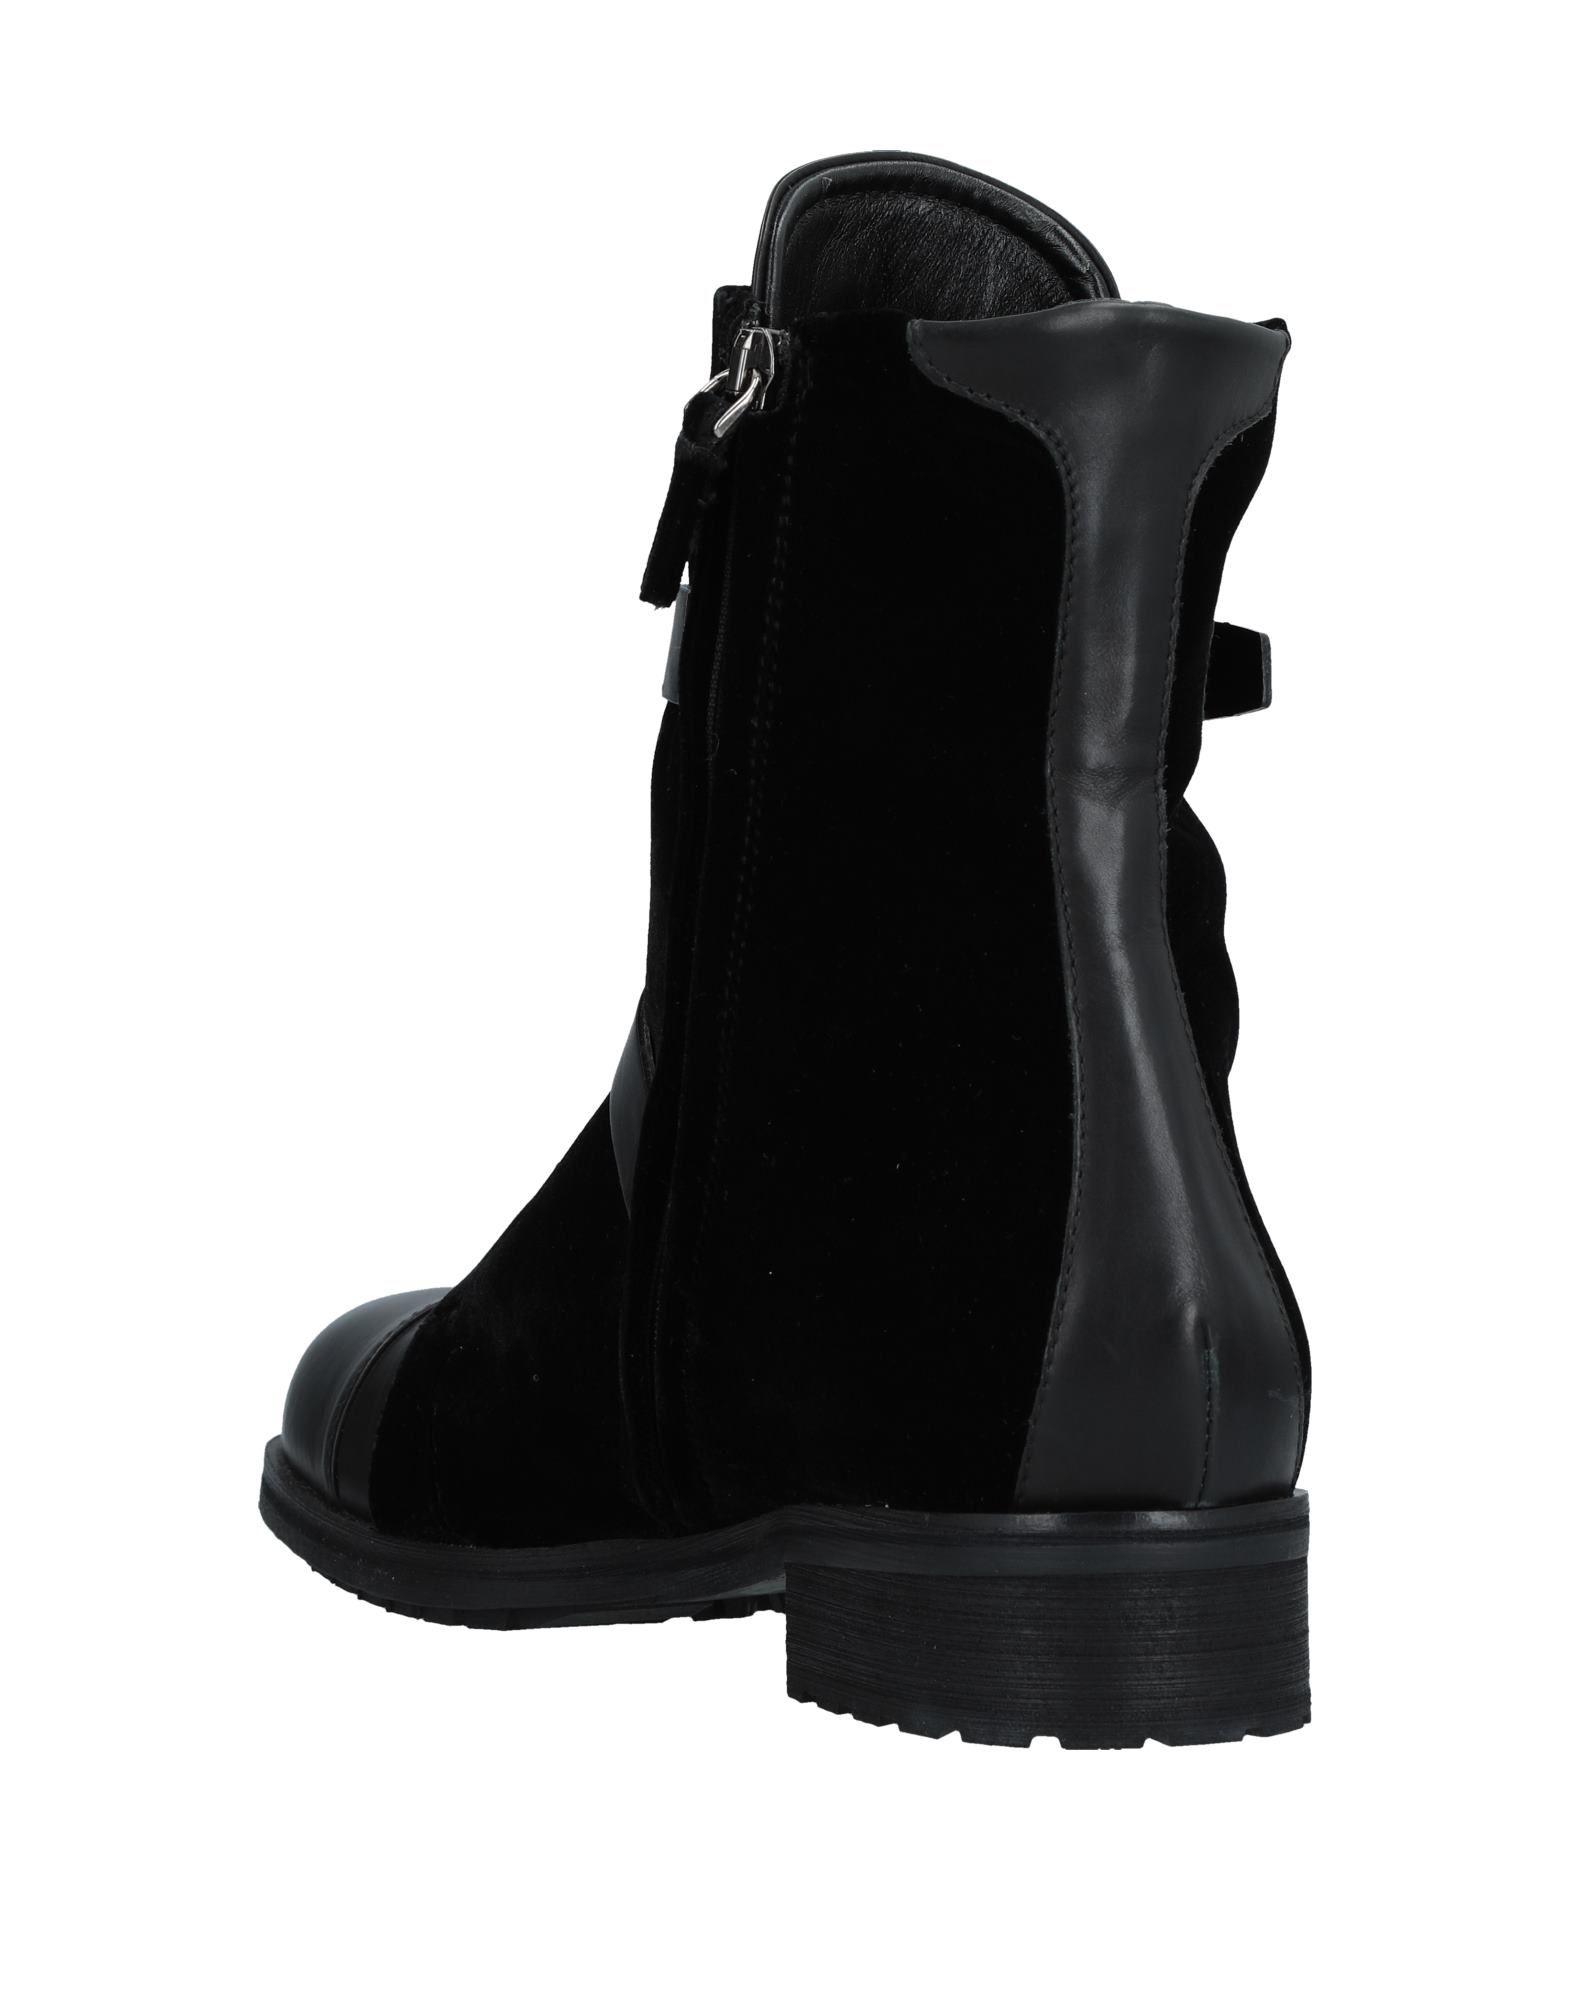 J|D Damen Julie Dee Stiefelette Damen J|D  11529254HG Neue Schuhe 64ad26